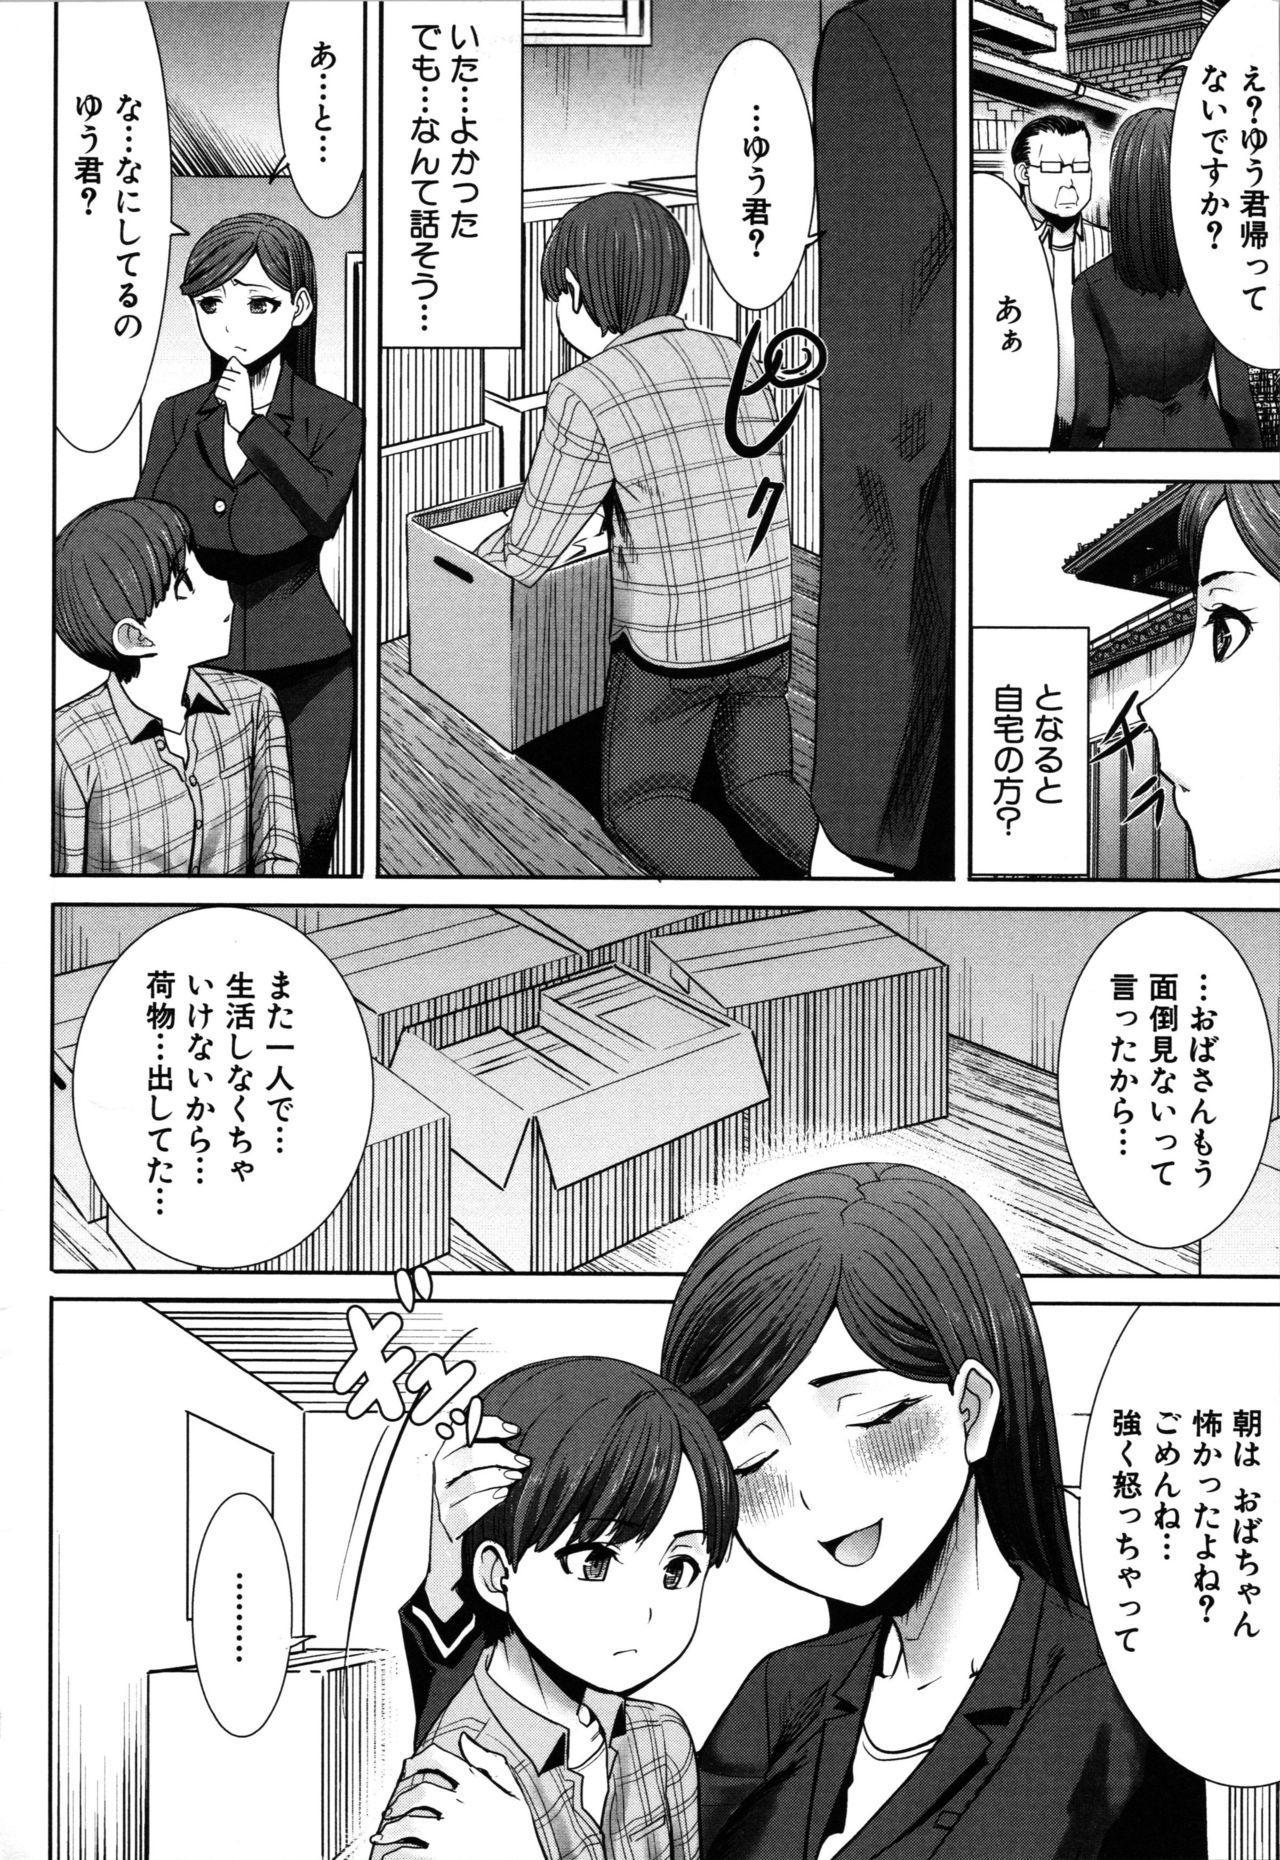 Unsweet - Asahina Ikka Netorareta Haha · Tomoko 33